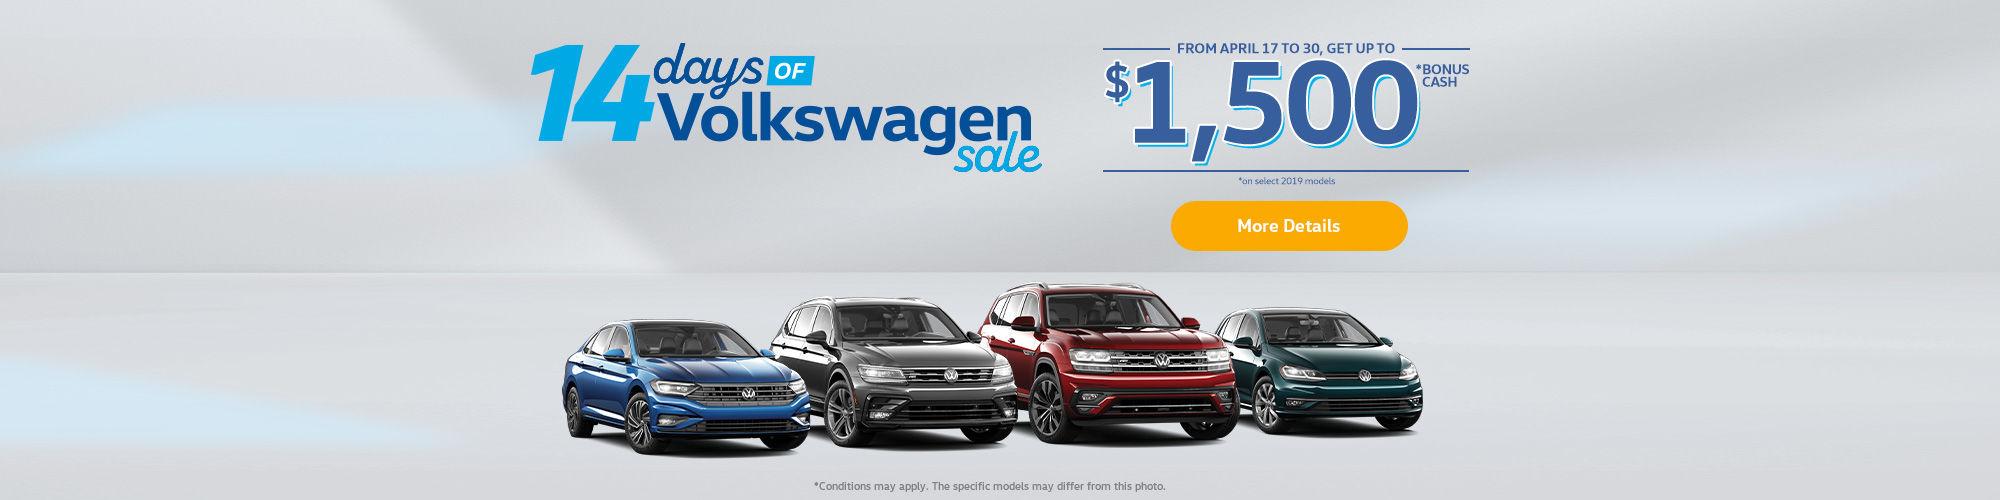 14 Days of Volkswagen Sales Event